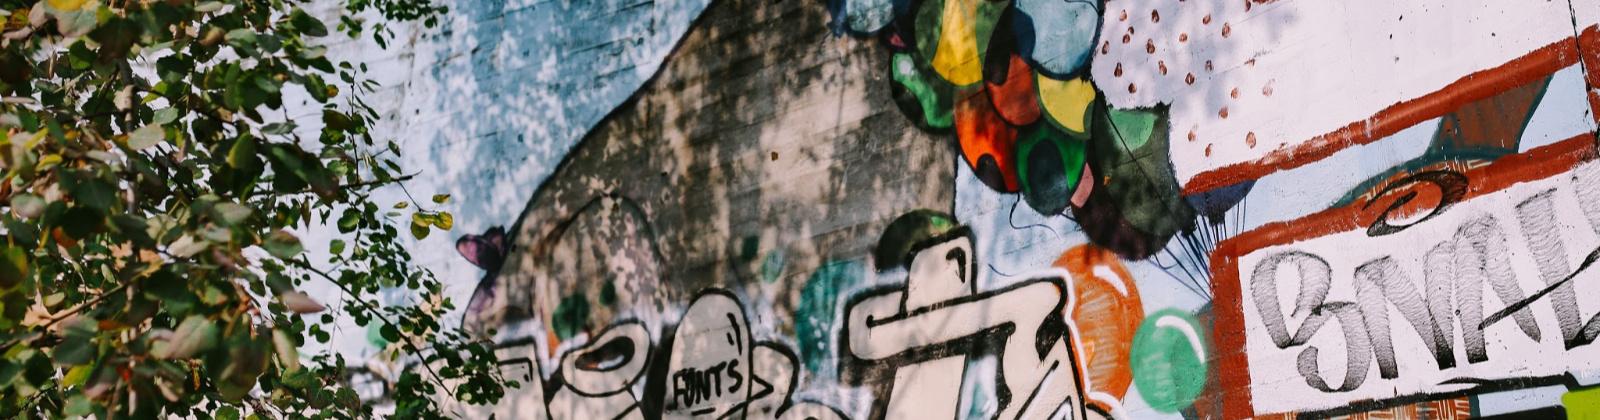 Brainssstorm - effectiever brainstormen en creatiever denken